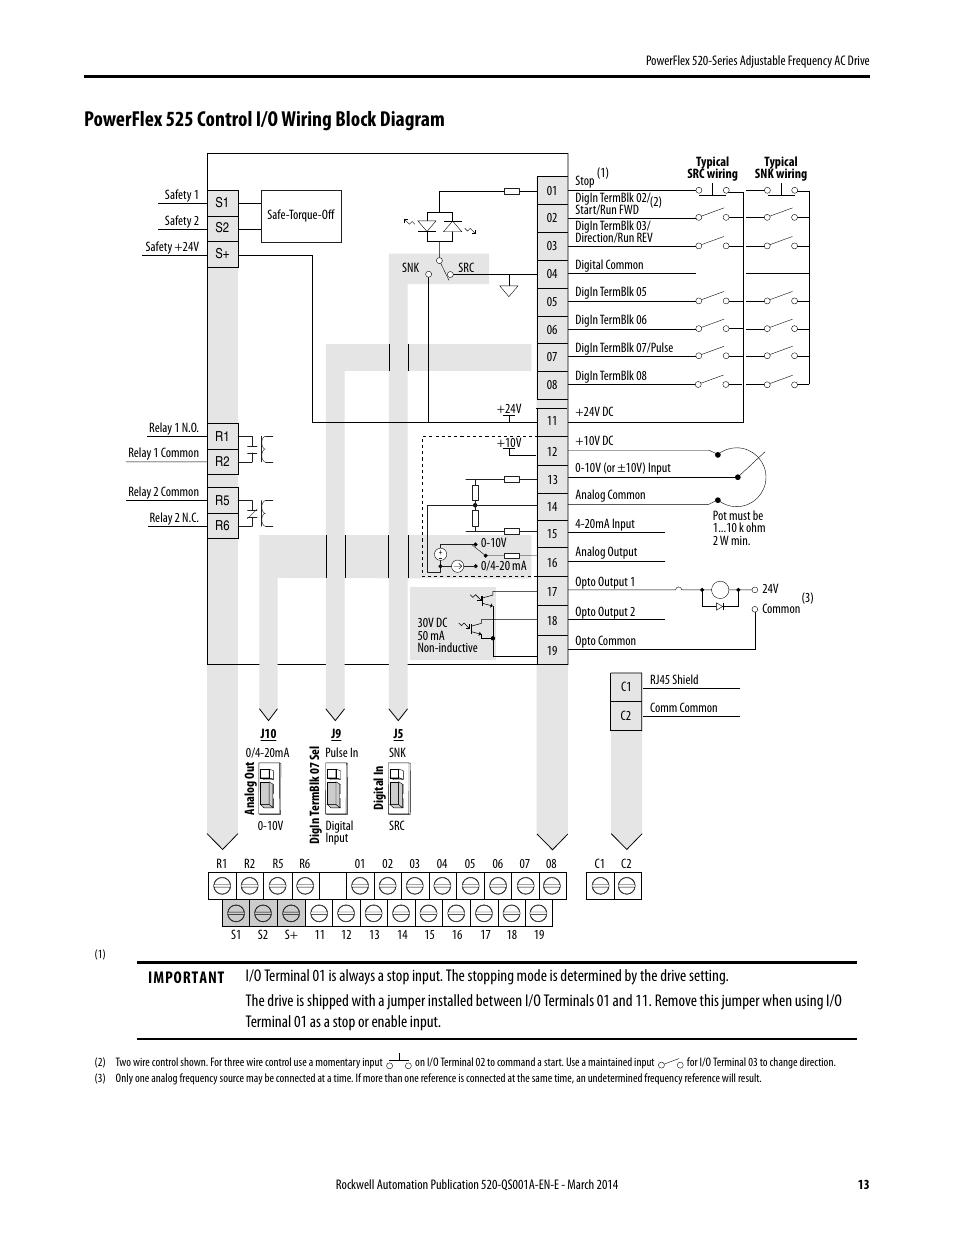 powerflex 70 safe off wiring diagram wiring diagrampowerflex 70 wiring diagram box wiring diagram